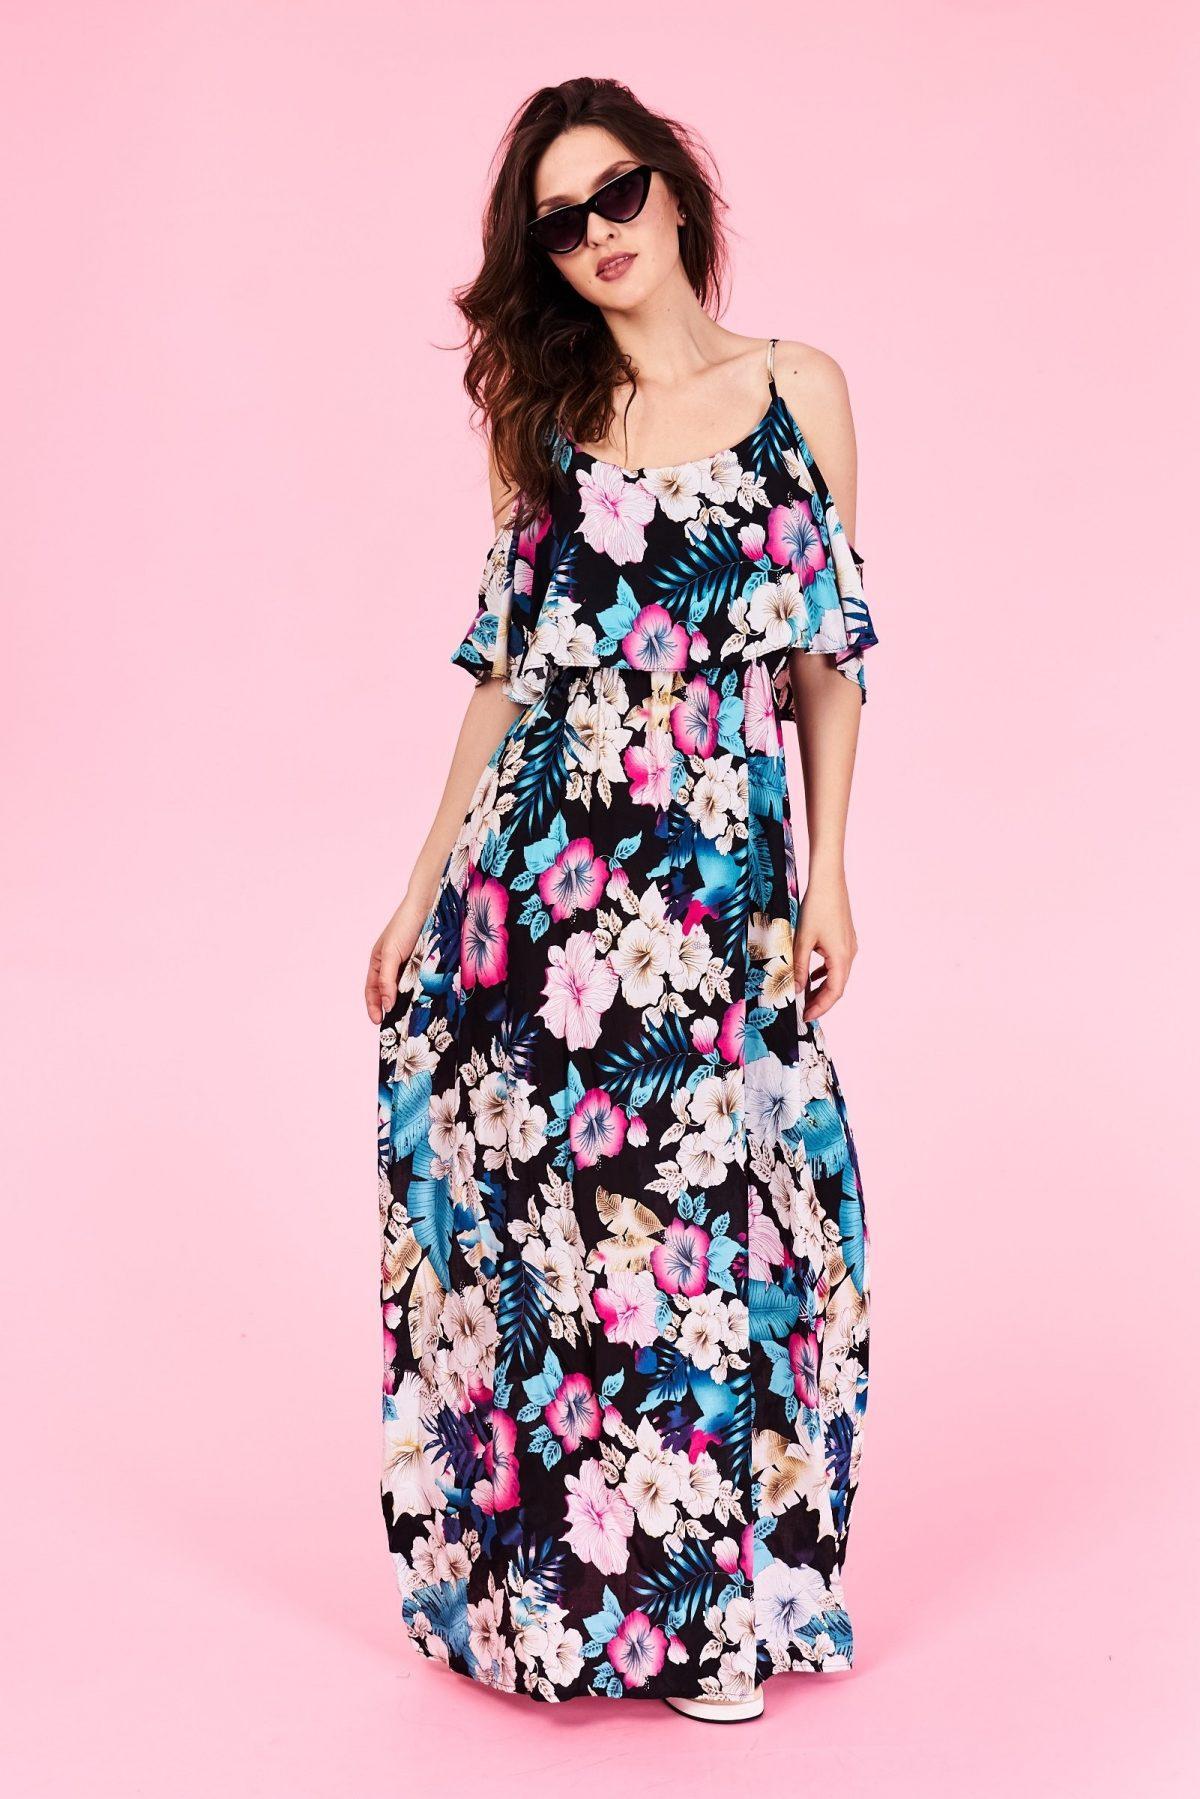 Dlhé letné šaty Londyn Veľkosť : S/M a L/XL Vyrobené z príjemného materiálu. Letné pohodlné šaty Farebné prevedenia : modré Kód : Jarka 0512473